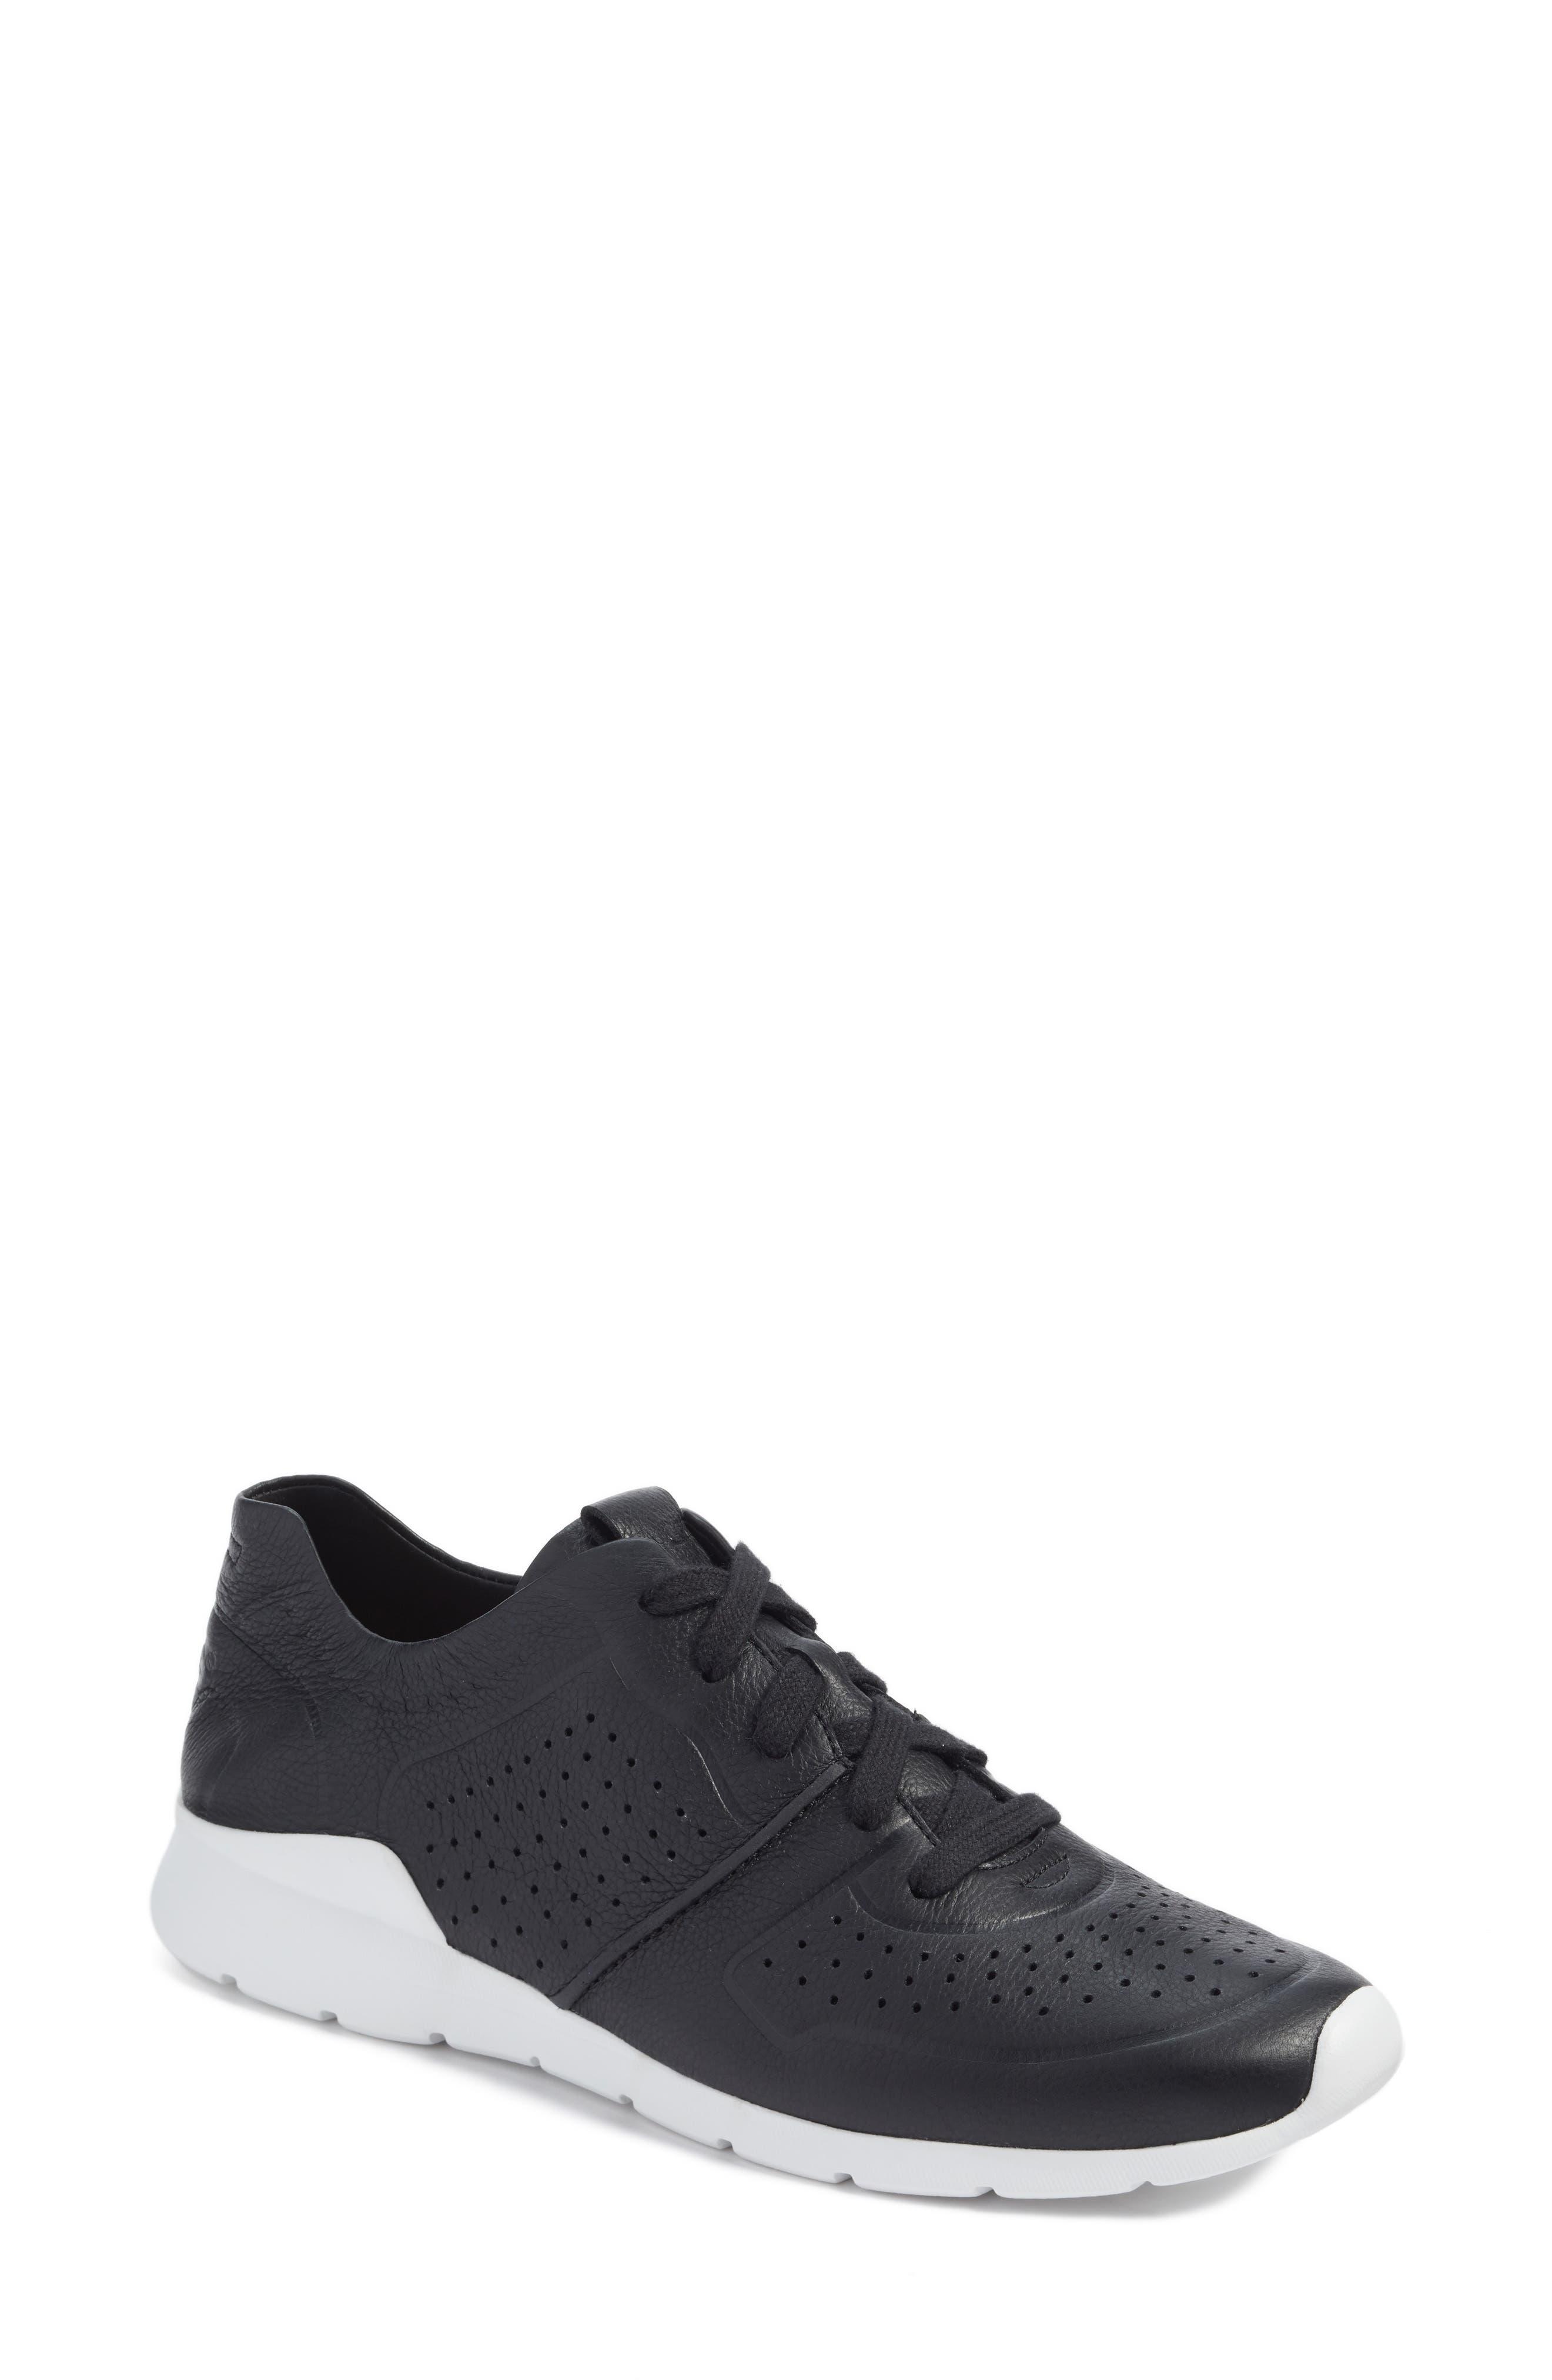 Tye Sneaker,                         Main,                         color, 001